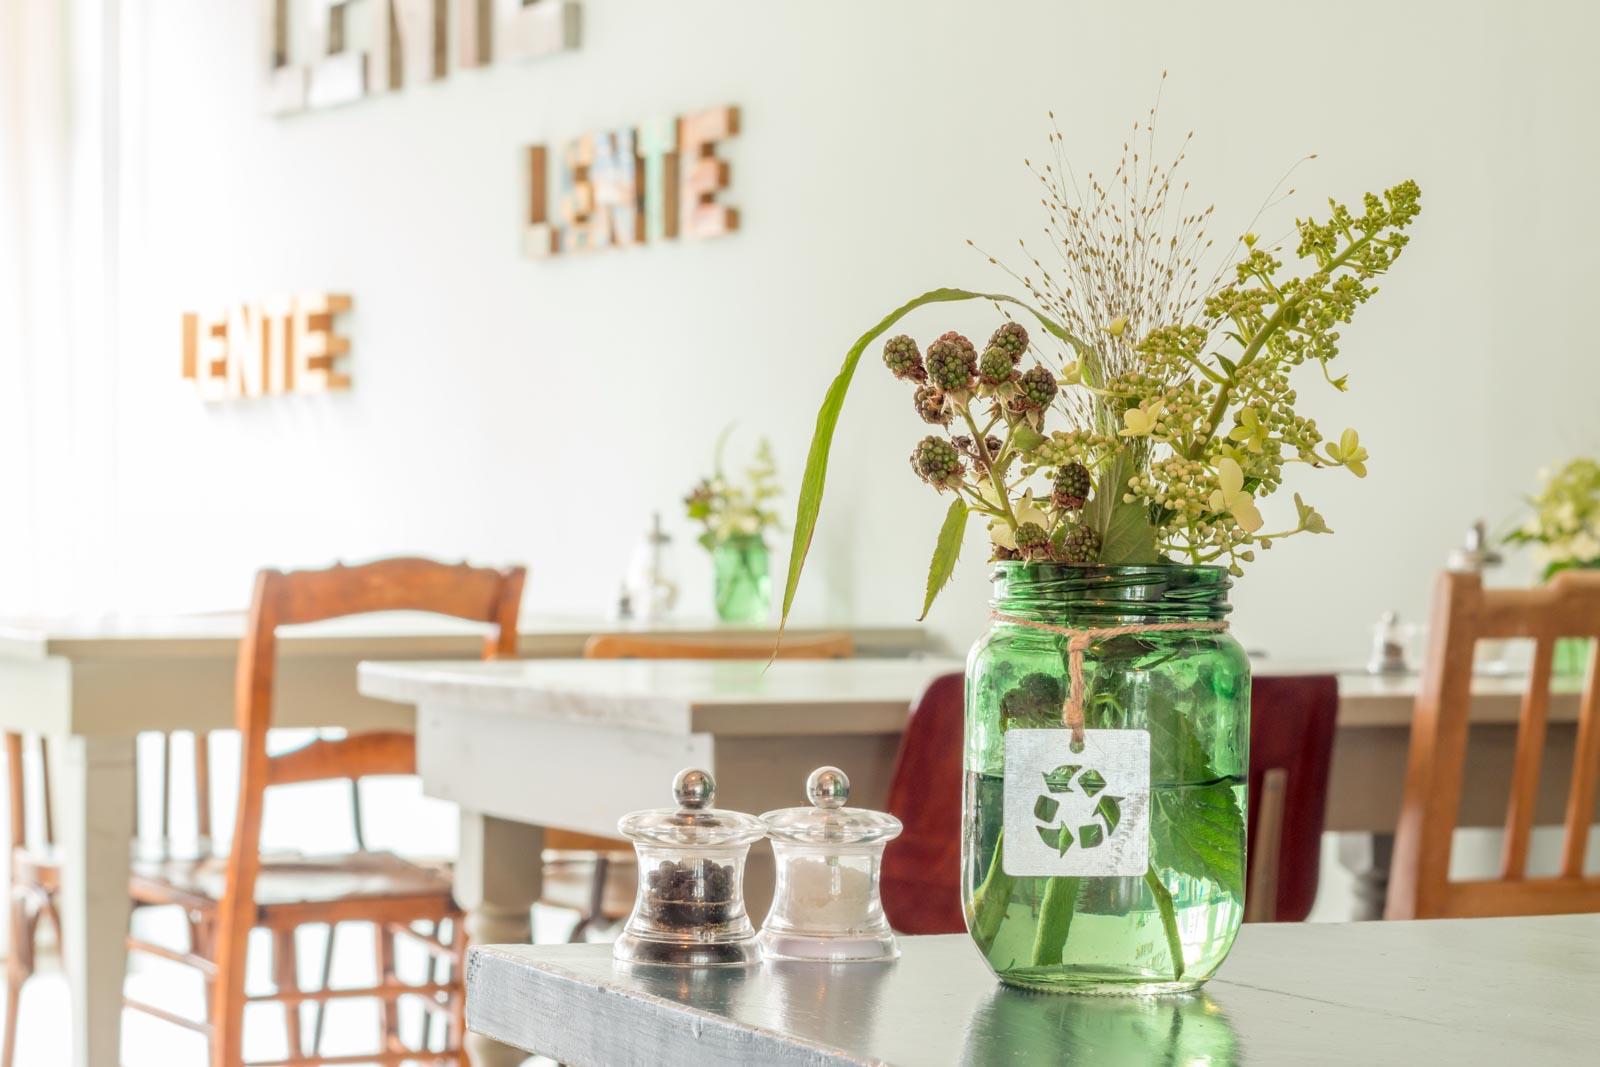 Sfeerfoto gemaakt bij Lunchcafe Lente